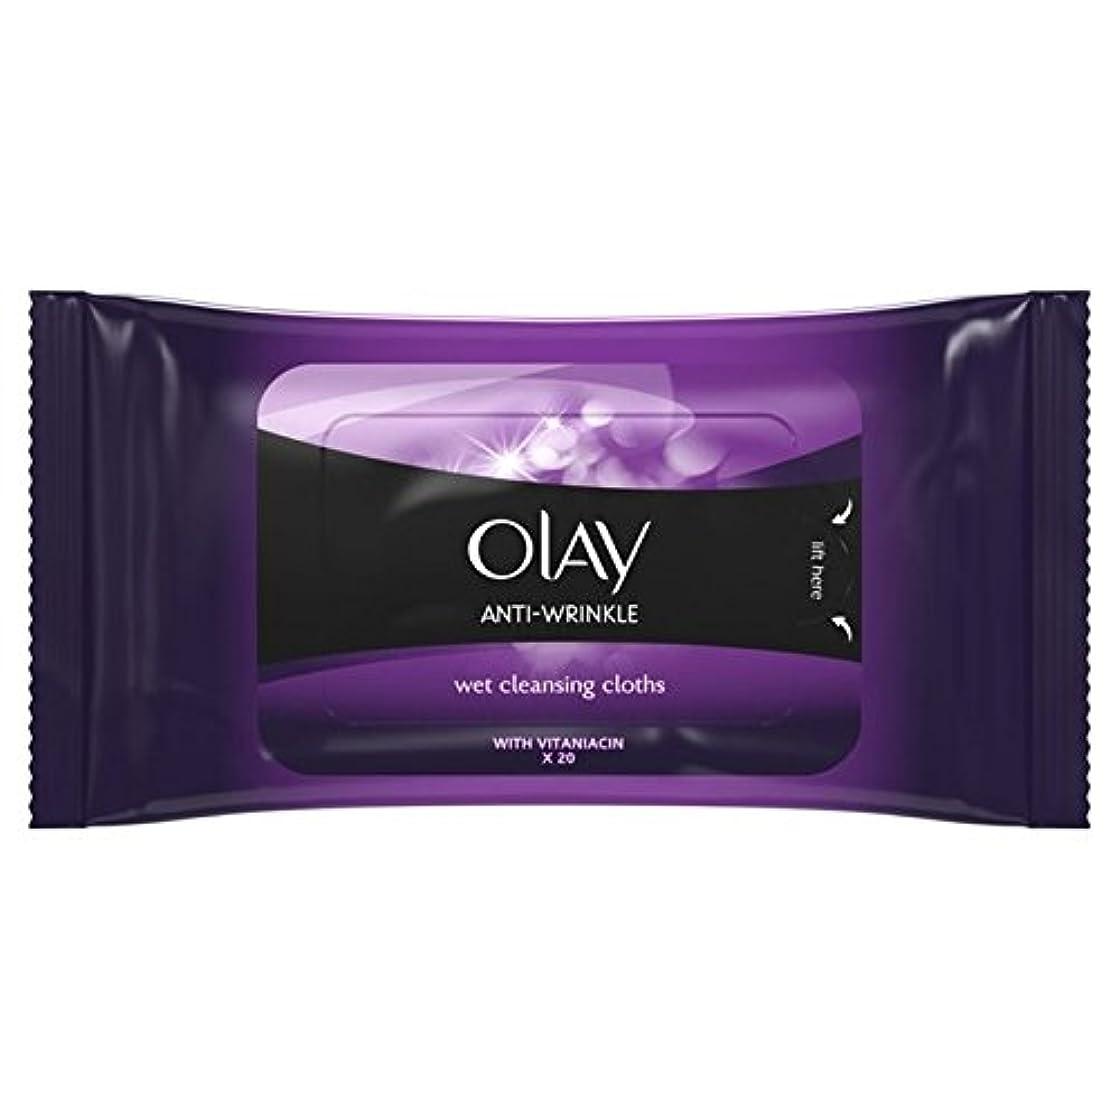 故障説得力のある孤独なパックごとに20ワイプ抗シワ事務所をオーレイ&湿ったクレンジングを持ち上げます x2 - Olay Anti Wrinkle Firm & Lift Wet Cleansing Wipes 20 per pack (Pack...